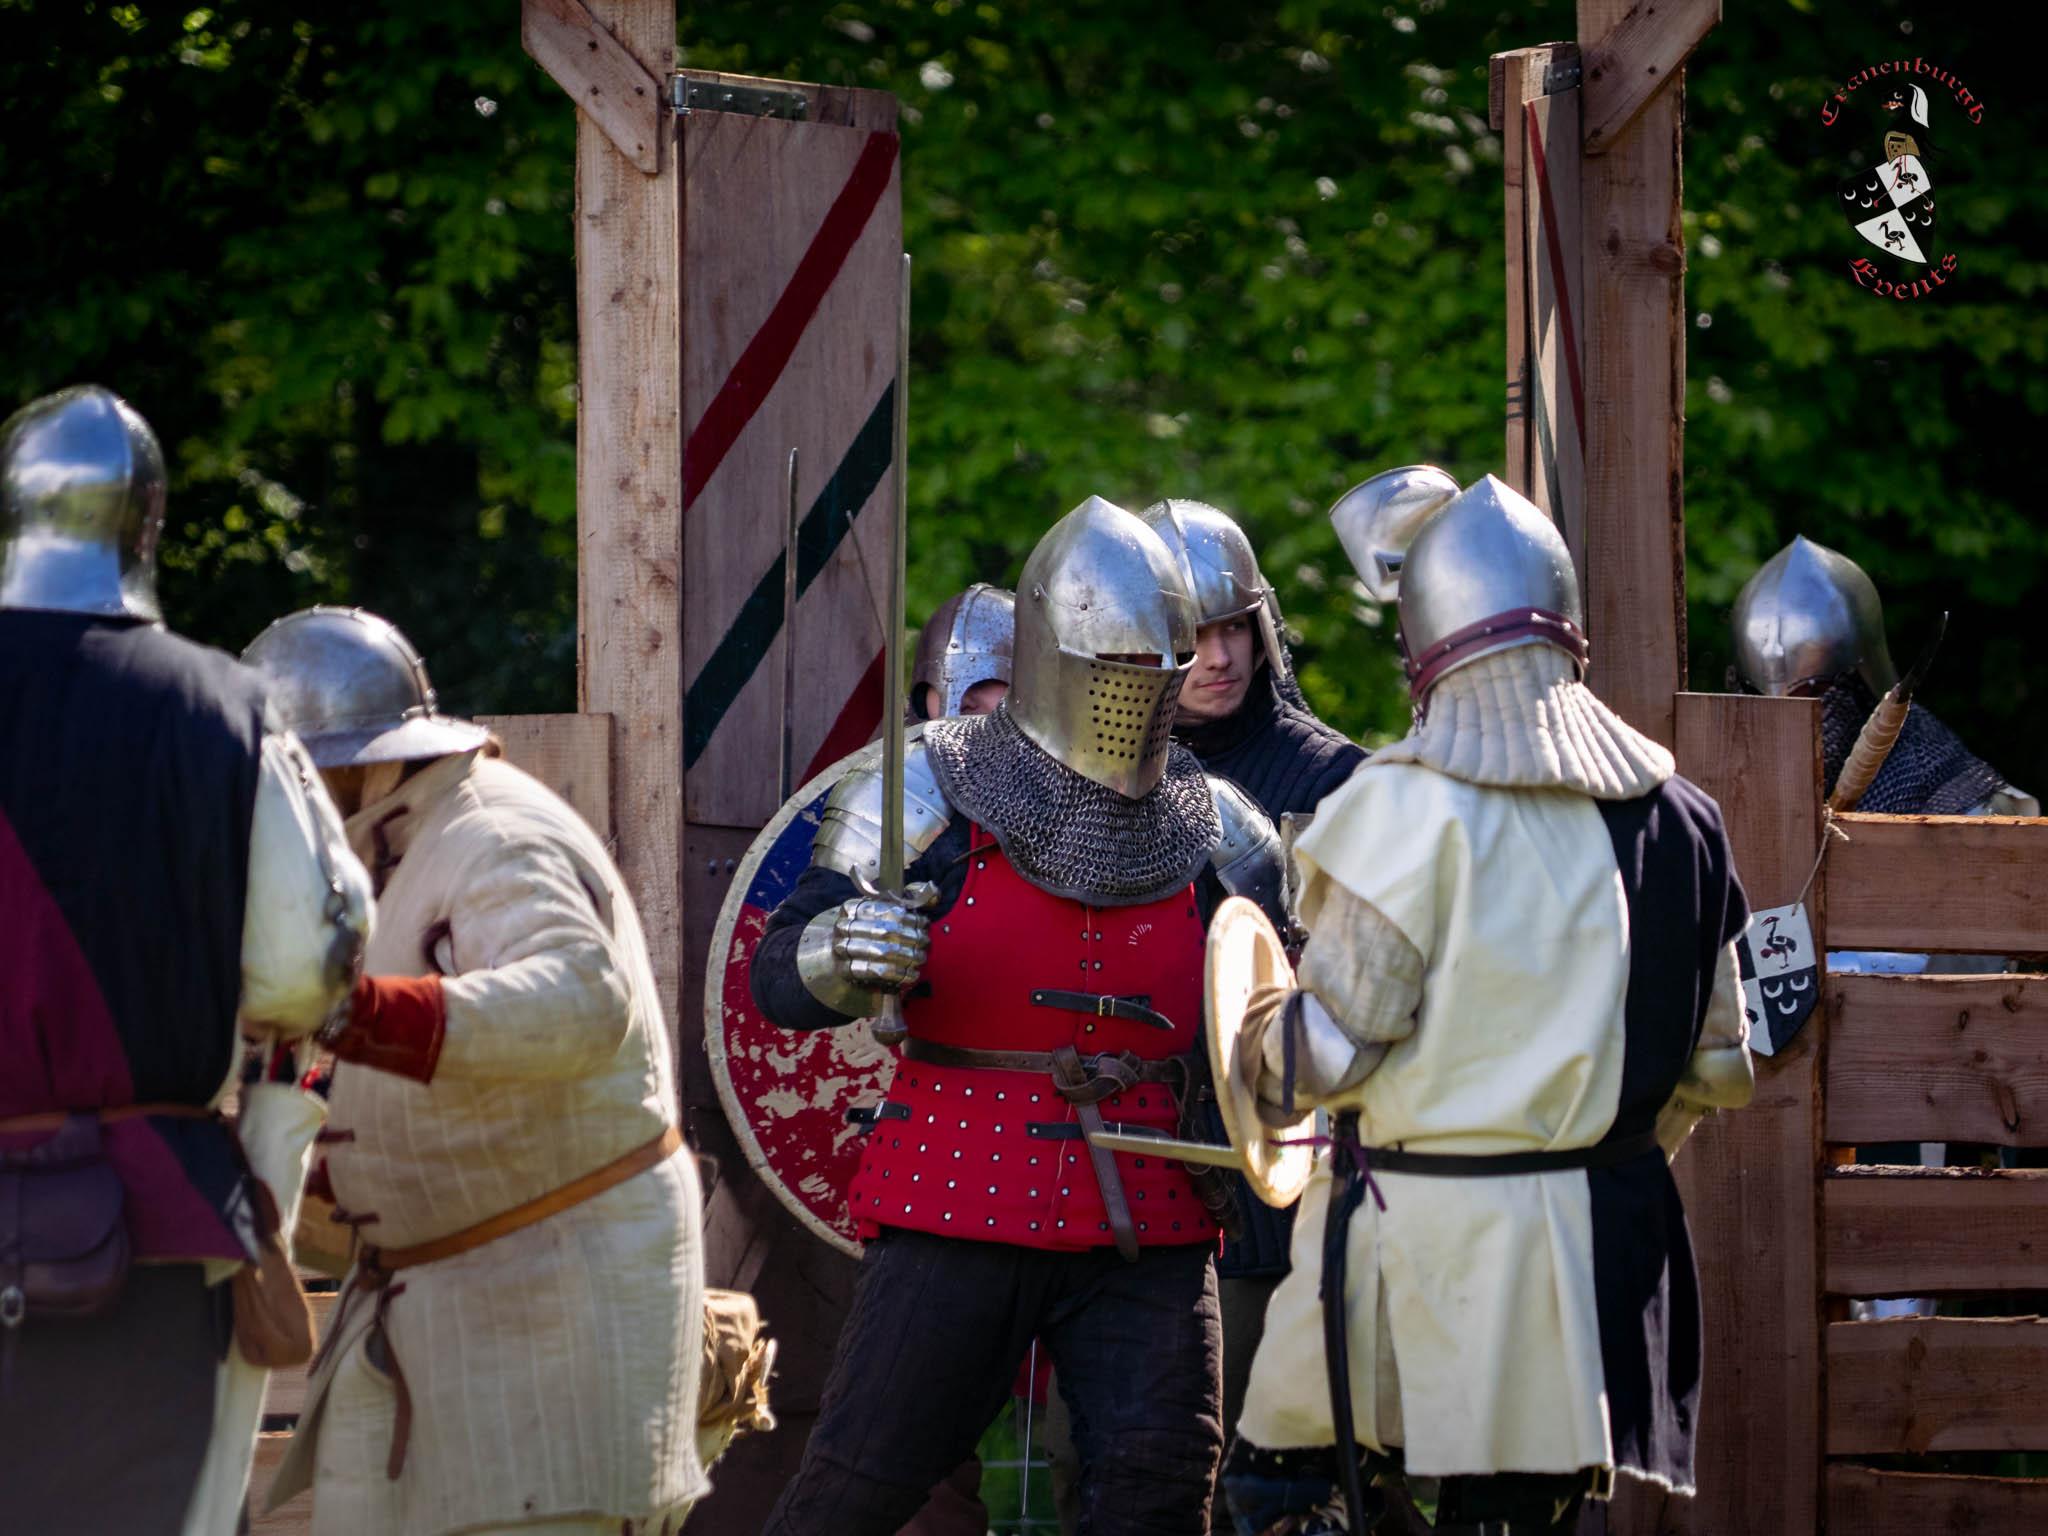 Middeleeuws-Festijn-Cannenburgh-2019-Ellen-la-Faille-56